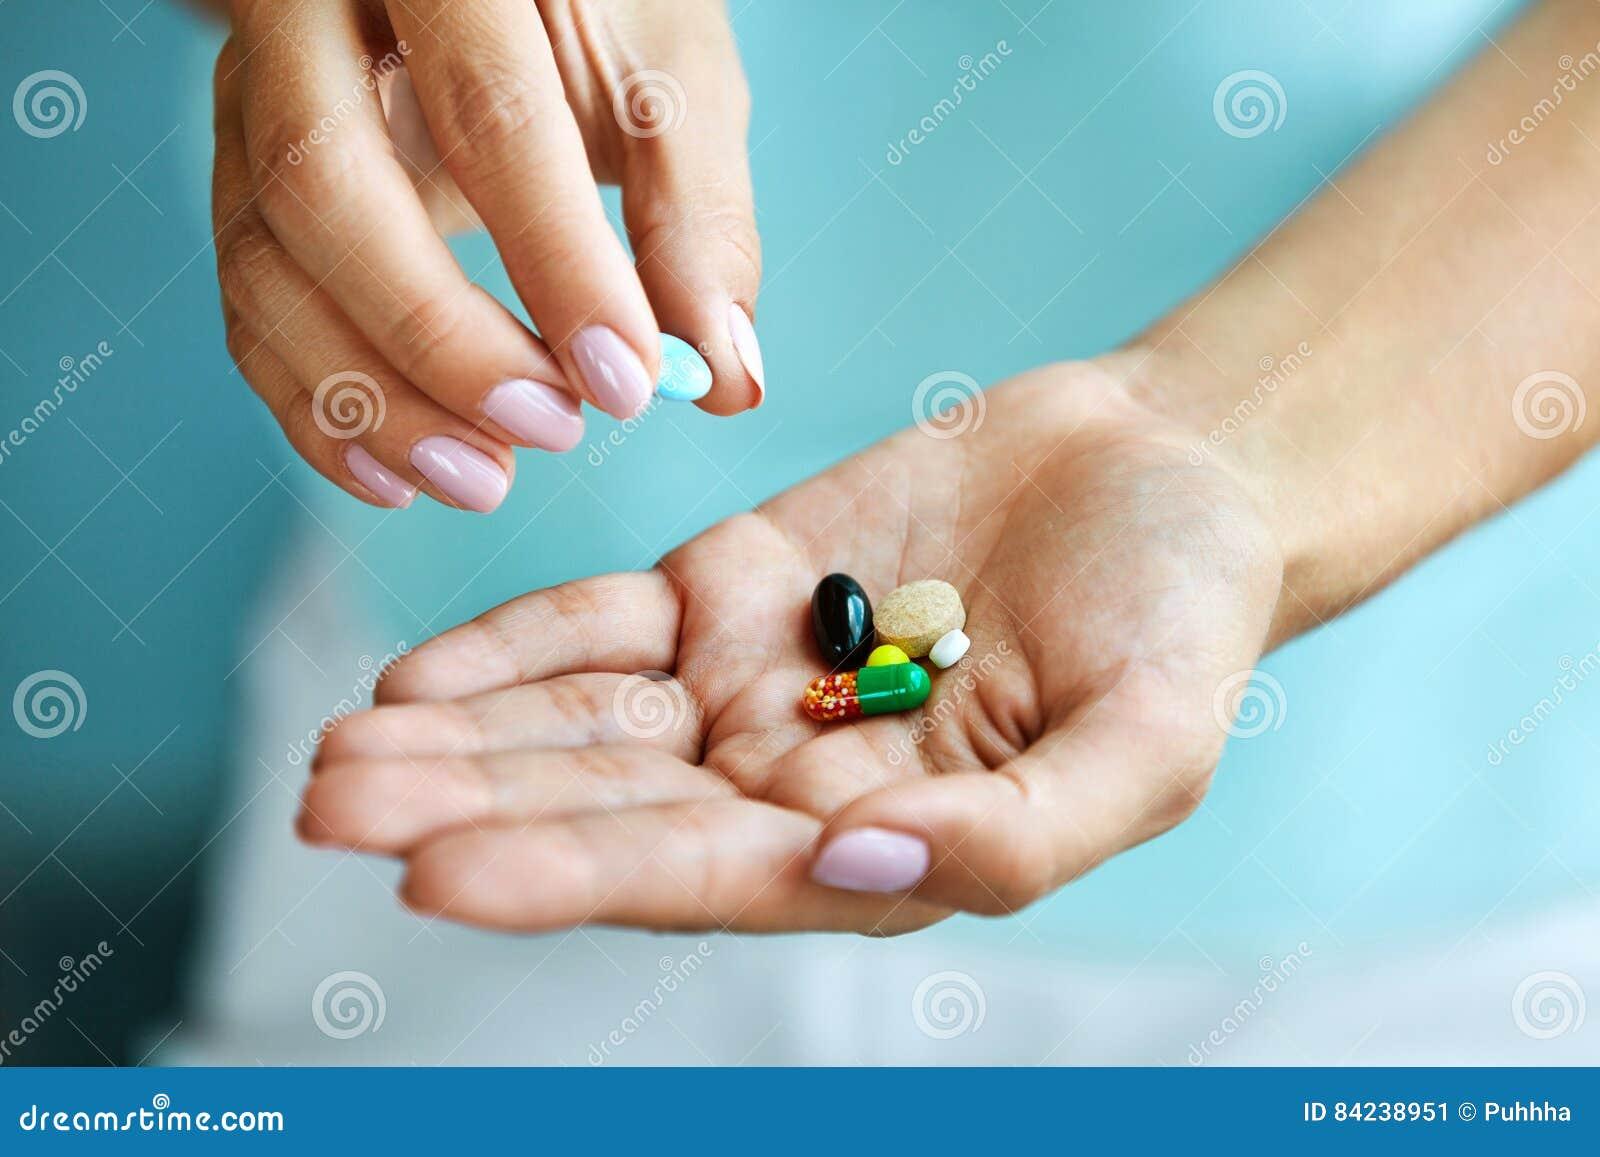 Vitamines et suppléments Main femelle tenant les pilules colorées